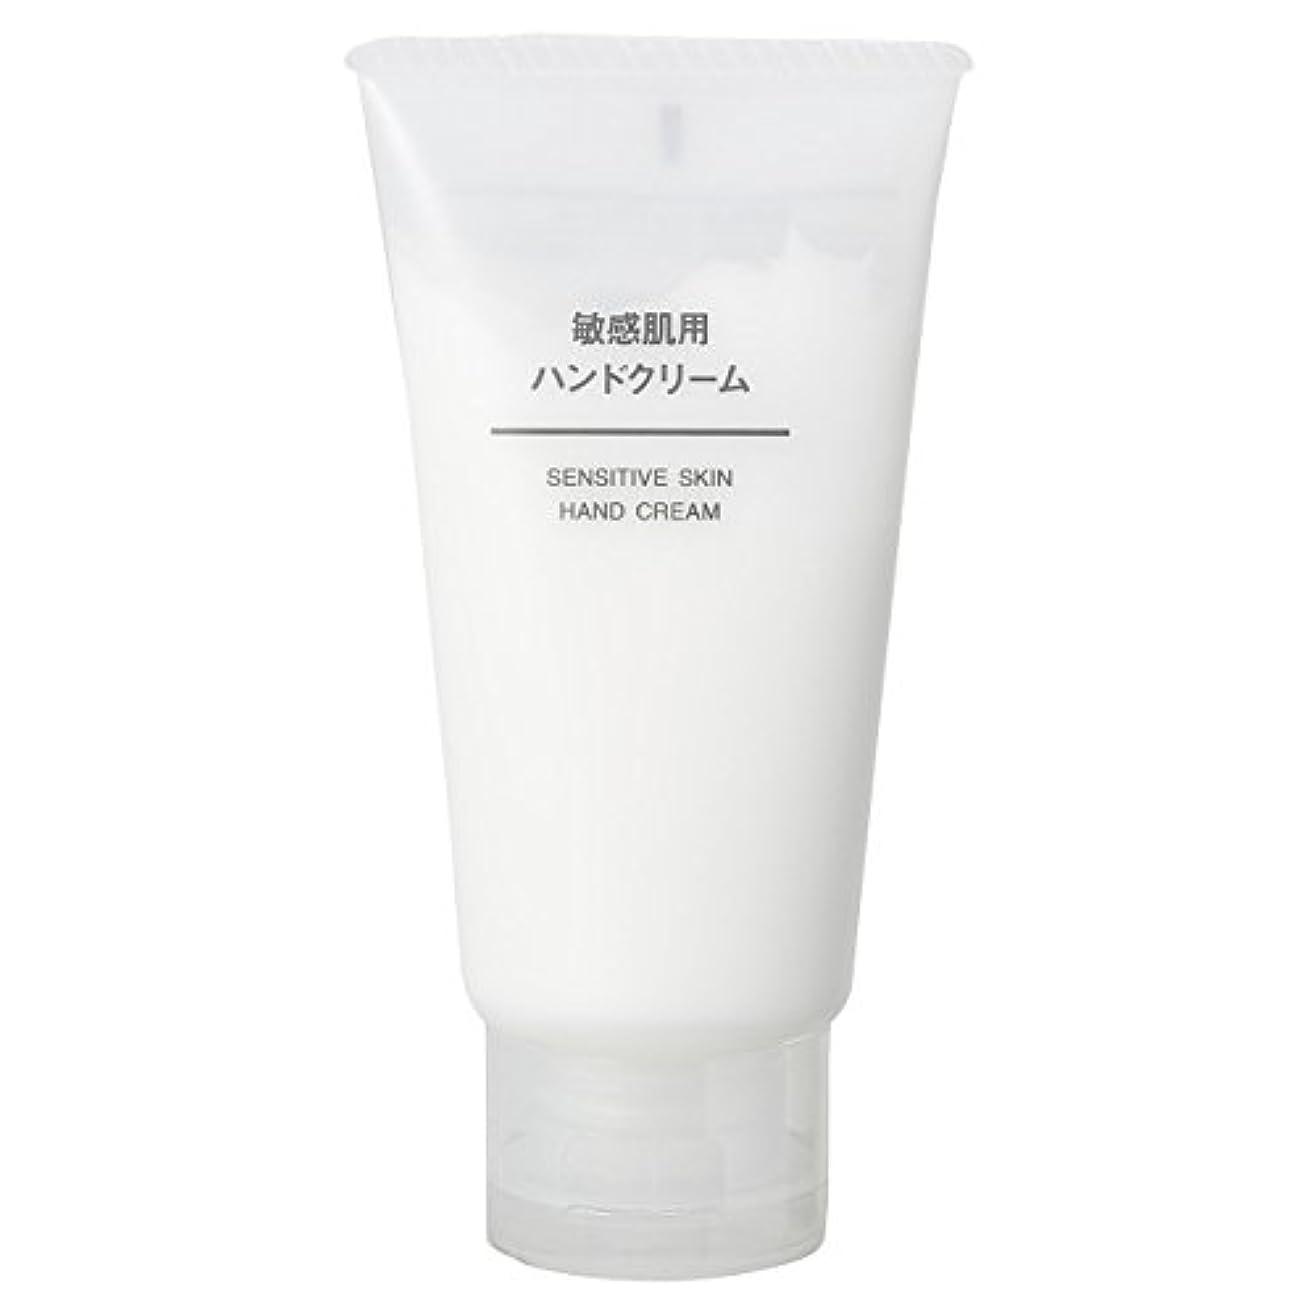 鬼ごっこ無臭つまずく無印良品 敏感肌用 ハンドクリーム 50g 日本製